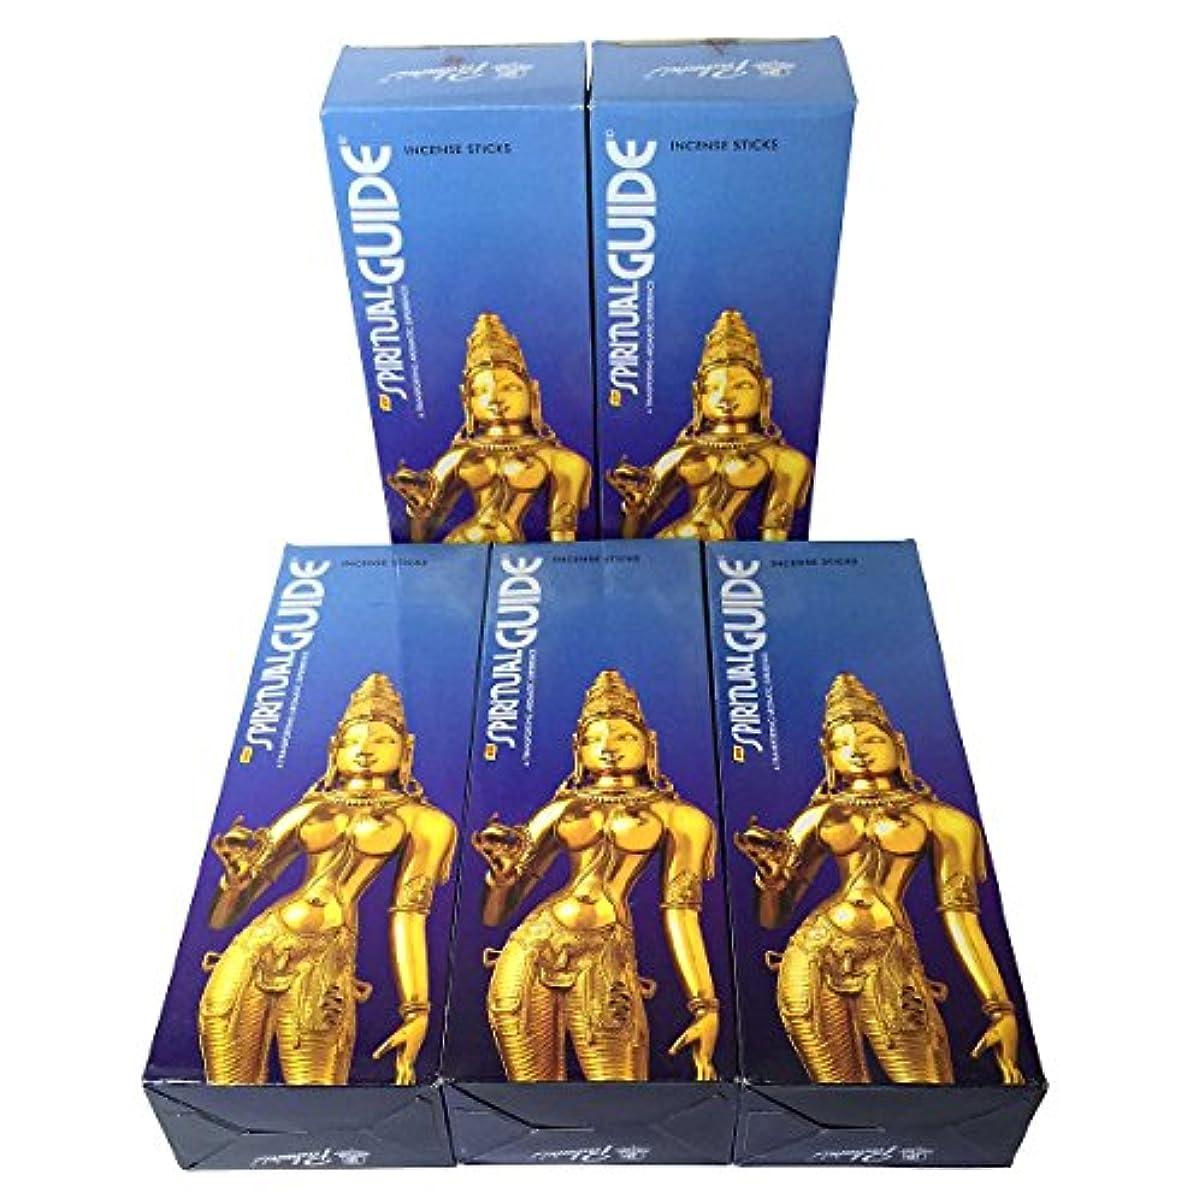 驚省略罰スピリチュアルガイド香スティック 5BOX(30箱)/PADMINI SPIRITUALGUIDE インド香 / 送料無料 [並行輸入品]